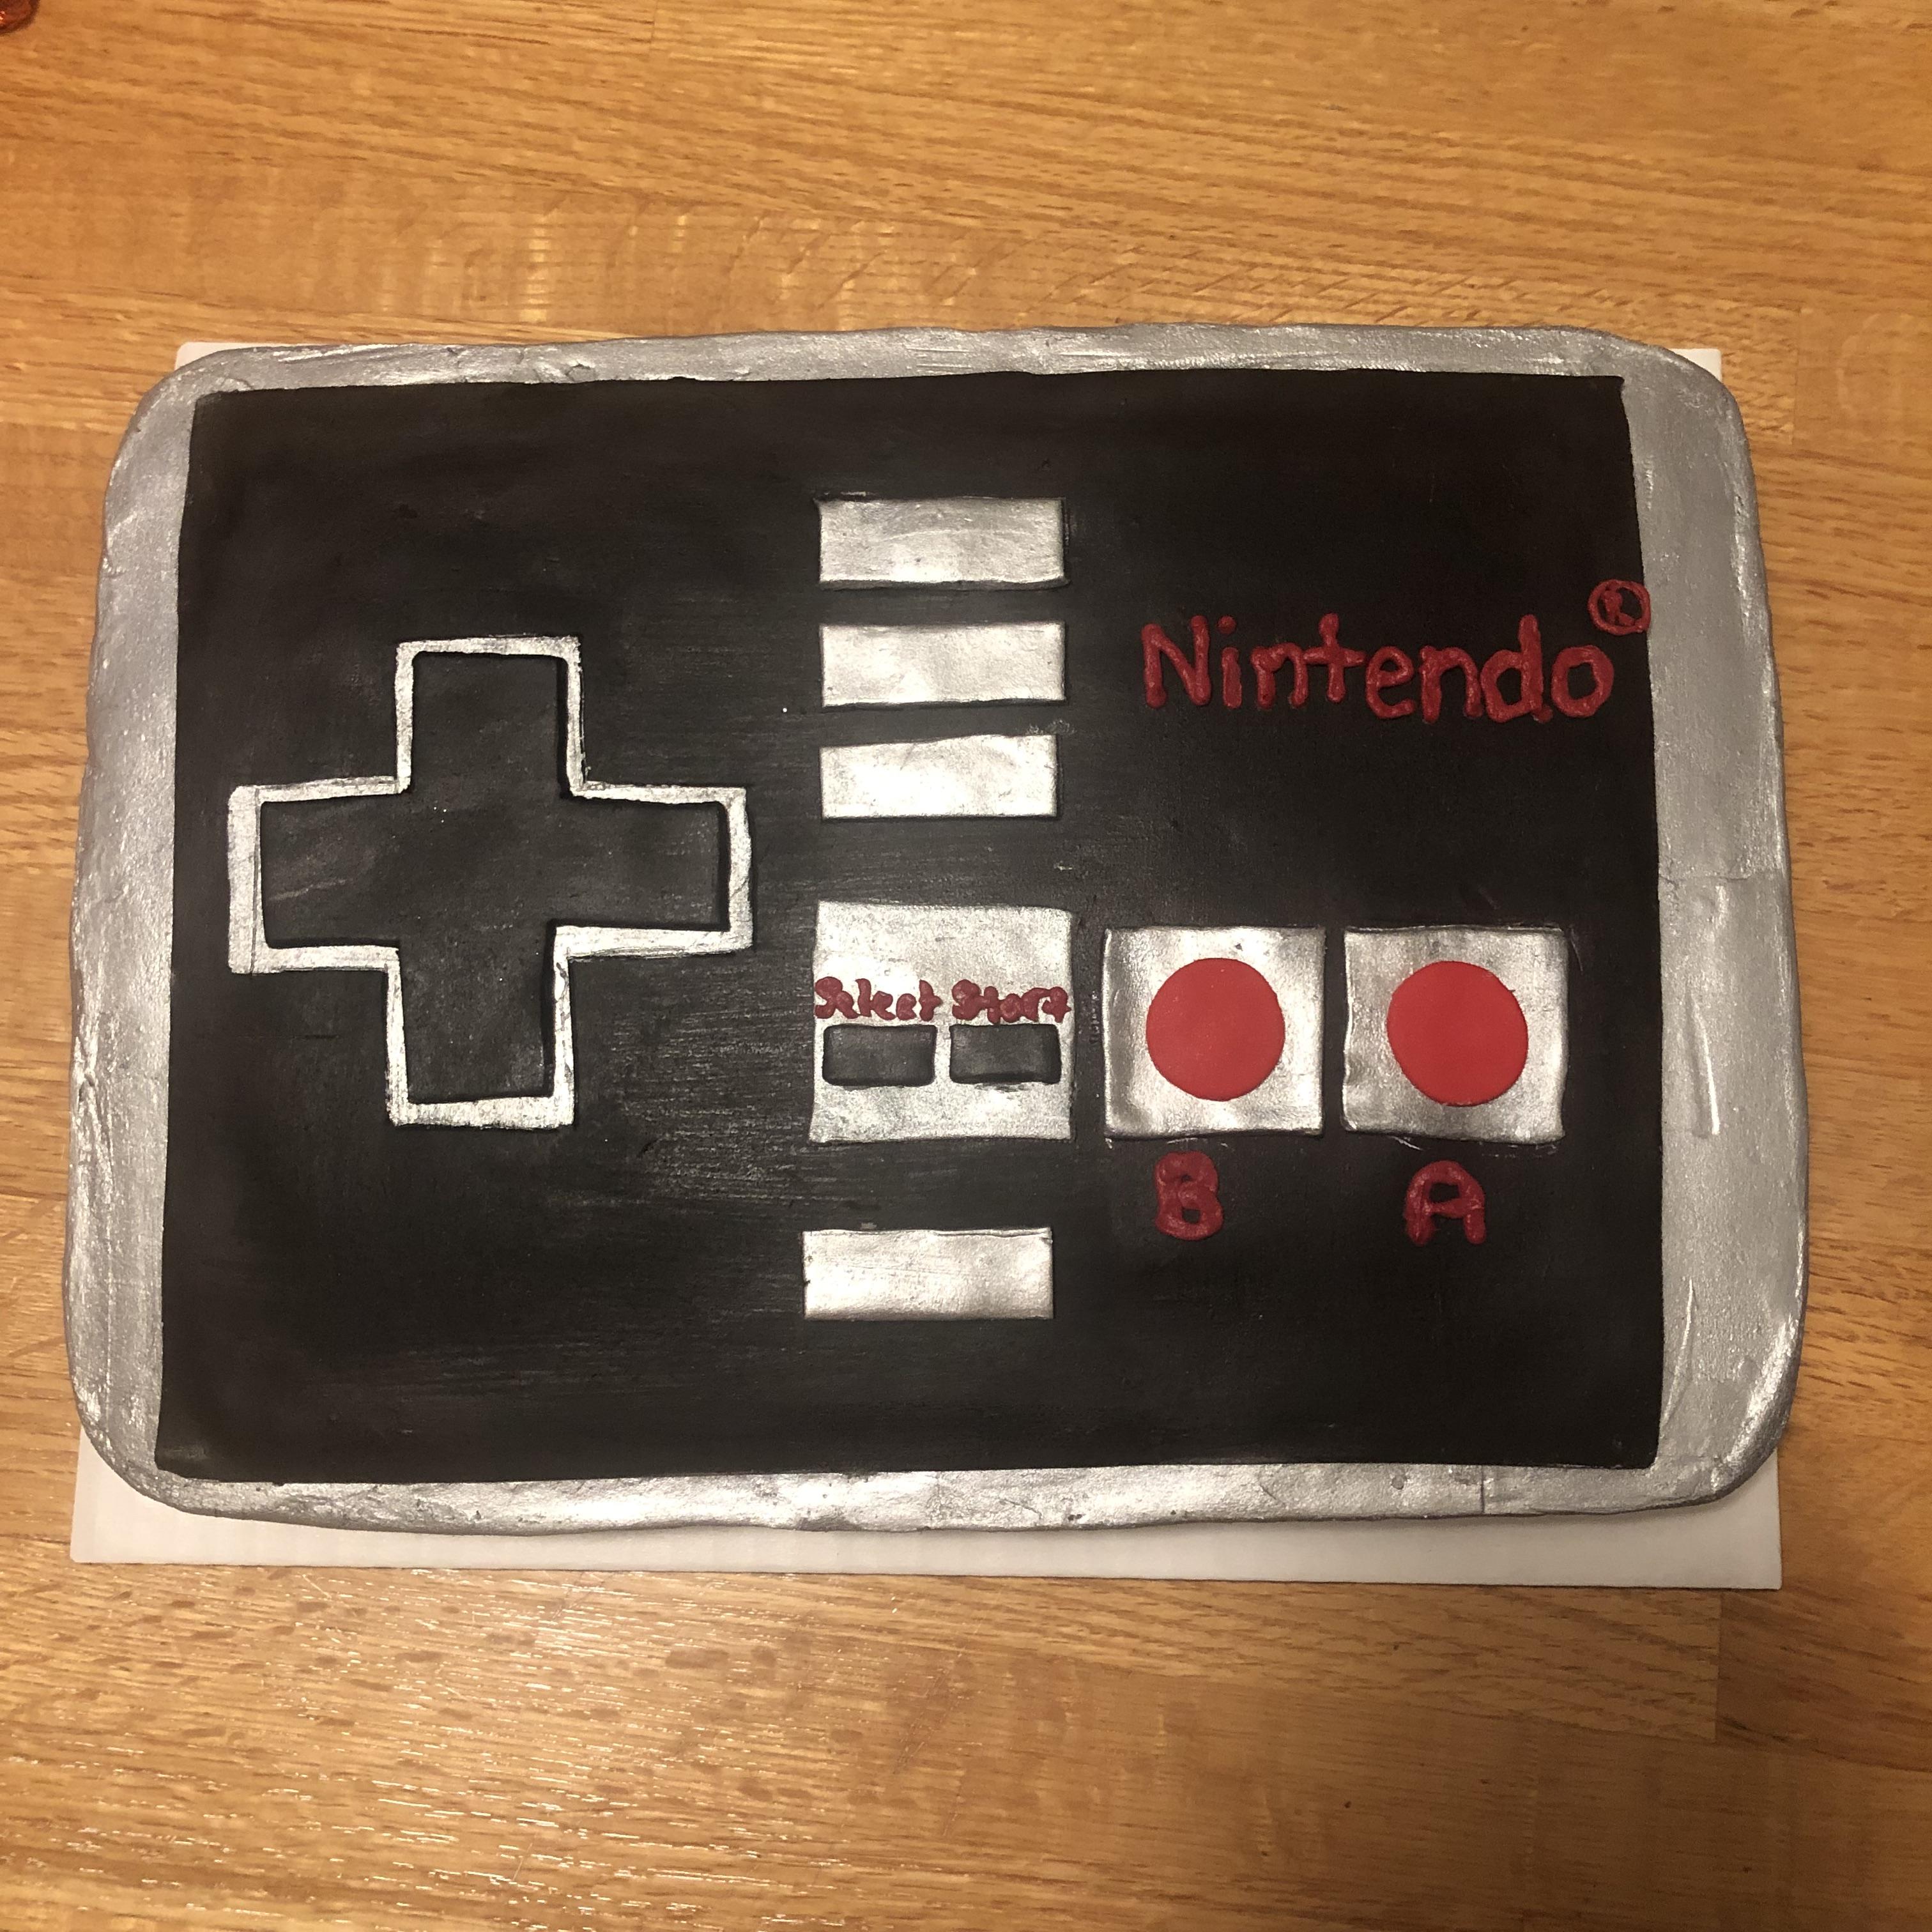 NintendoCake